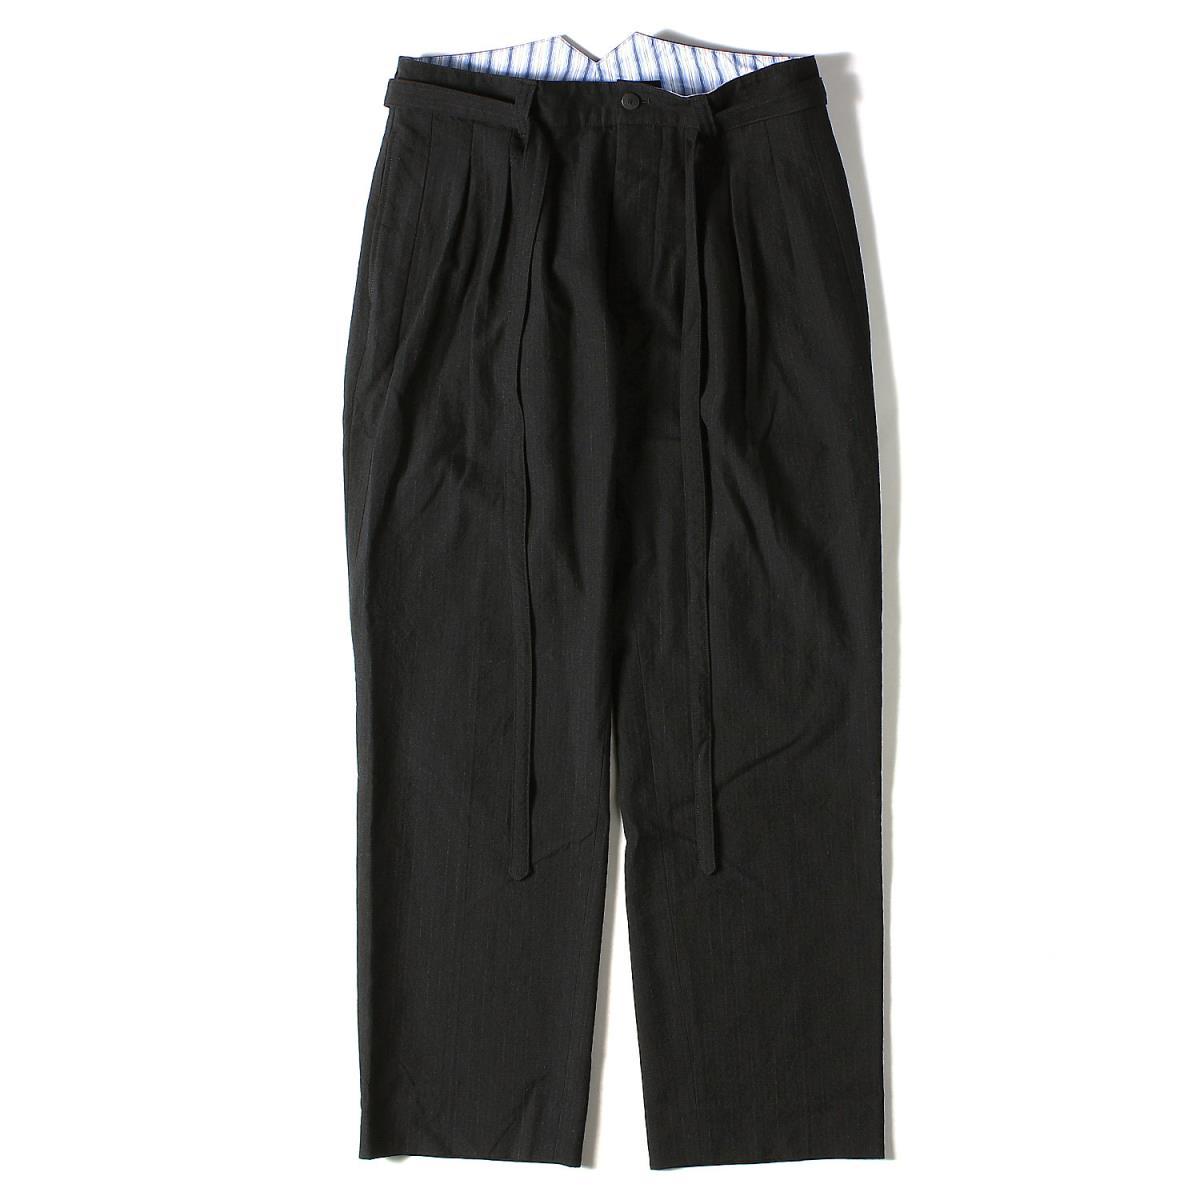 visvim ヴィズビム パンツ ウール ストライプ ハカマ パンツ HAKAMA PANTS BANDED WOOL STRIPE 16AW ブラック 3 【メンズ】【中古】【美品】【K2595】